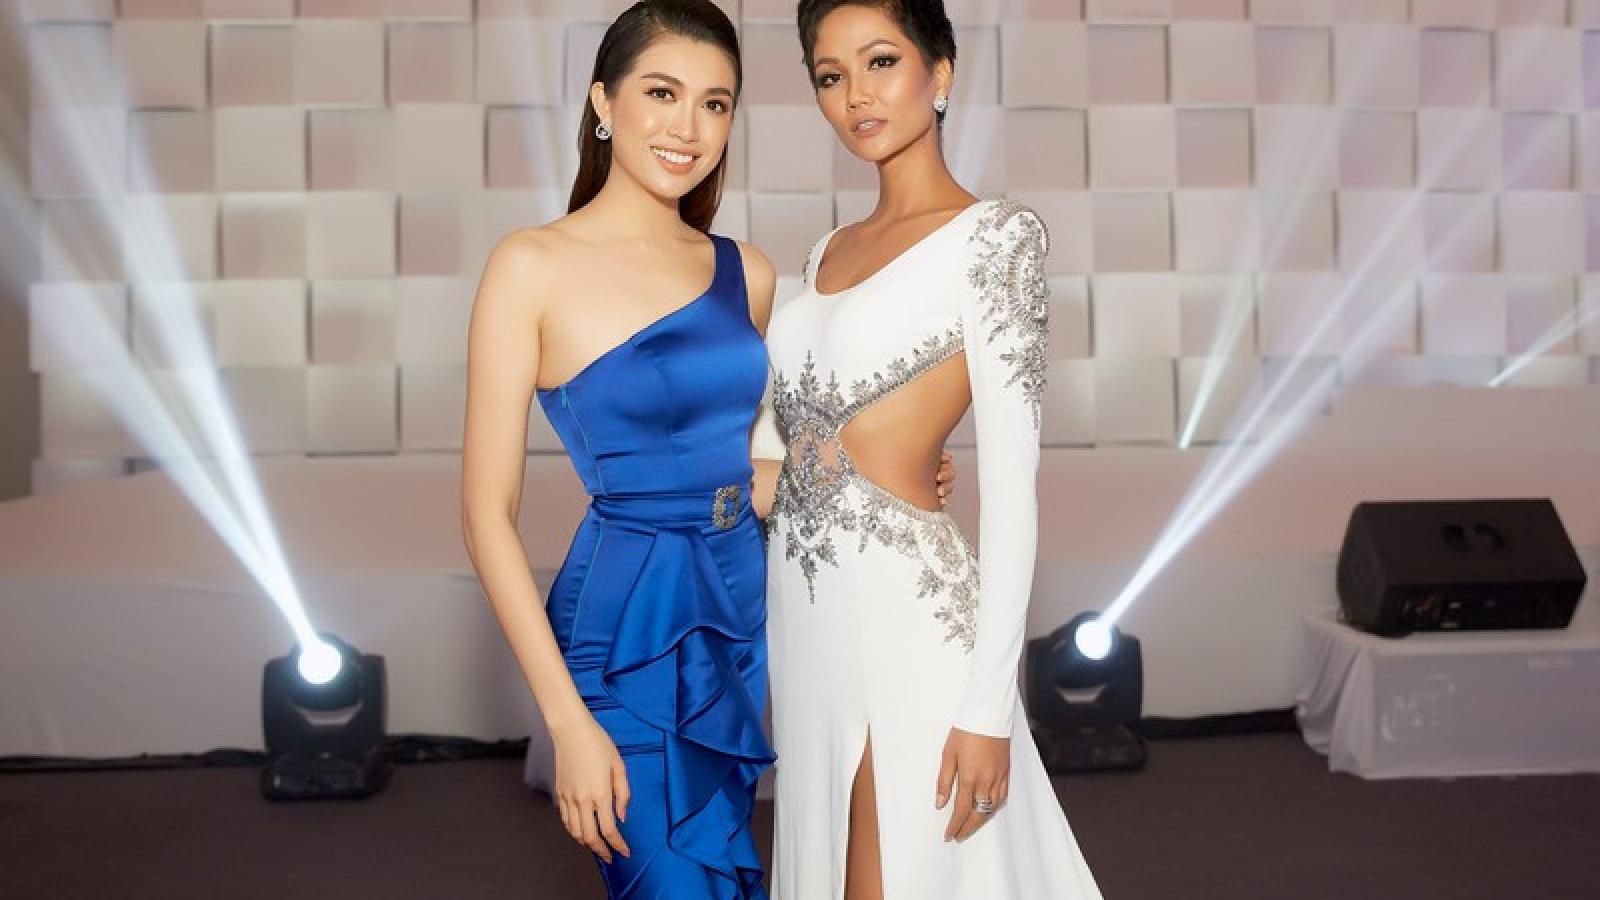 Hoa hậu H'Hen Niê - Á hậu Lệ Hằng chung tay ủng hộ Đà Nẵng chống dịch